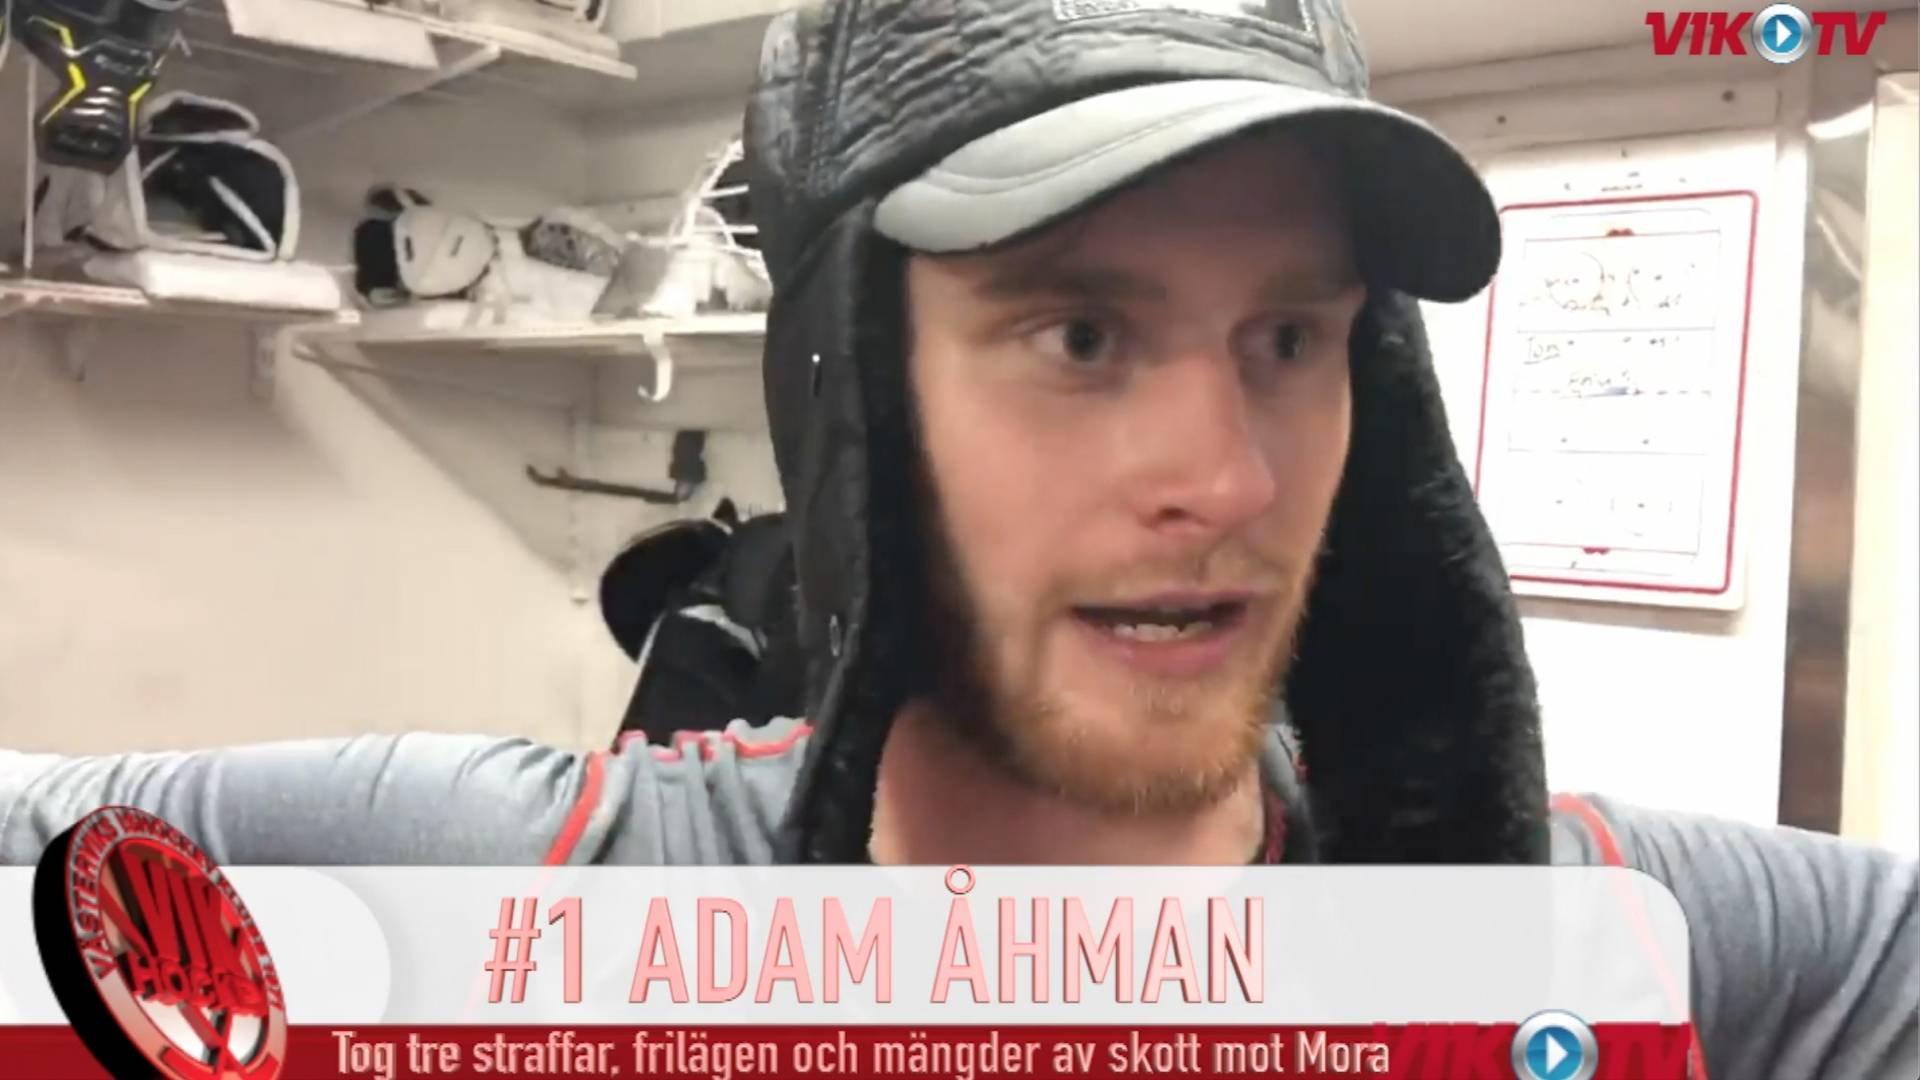 VIK-TV: Omklädningsrumsjubel och Adam Åhman-intervju efter VIK-Mora 3-2 e str